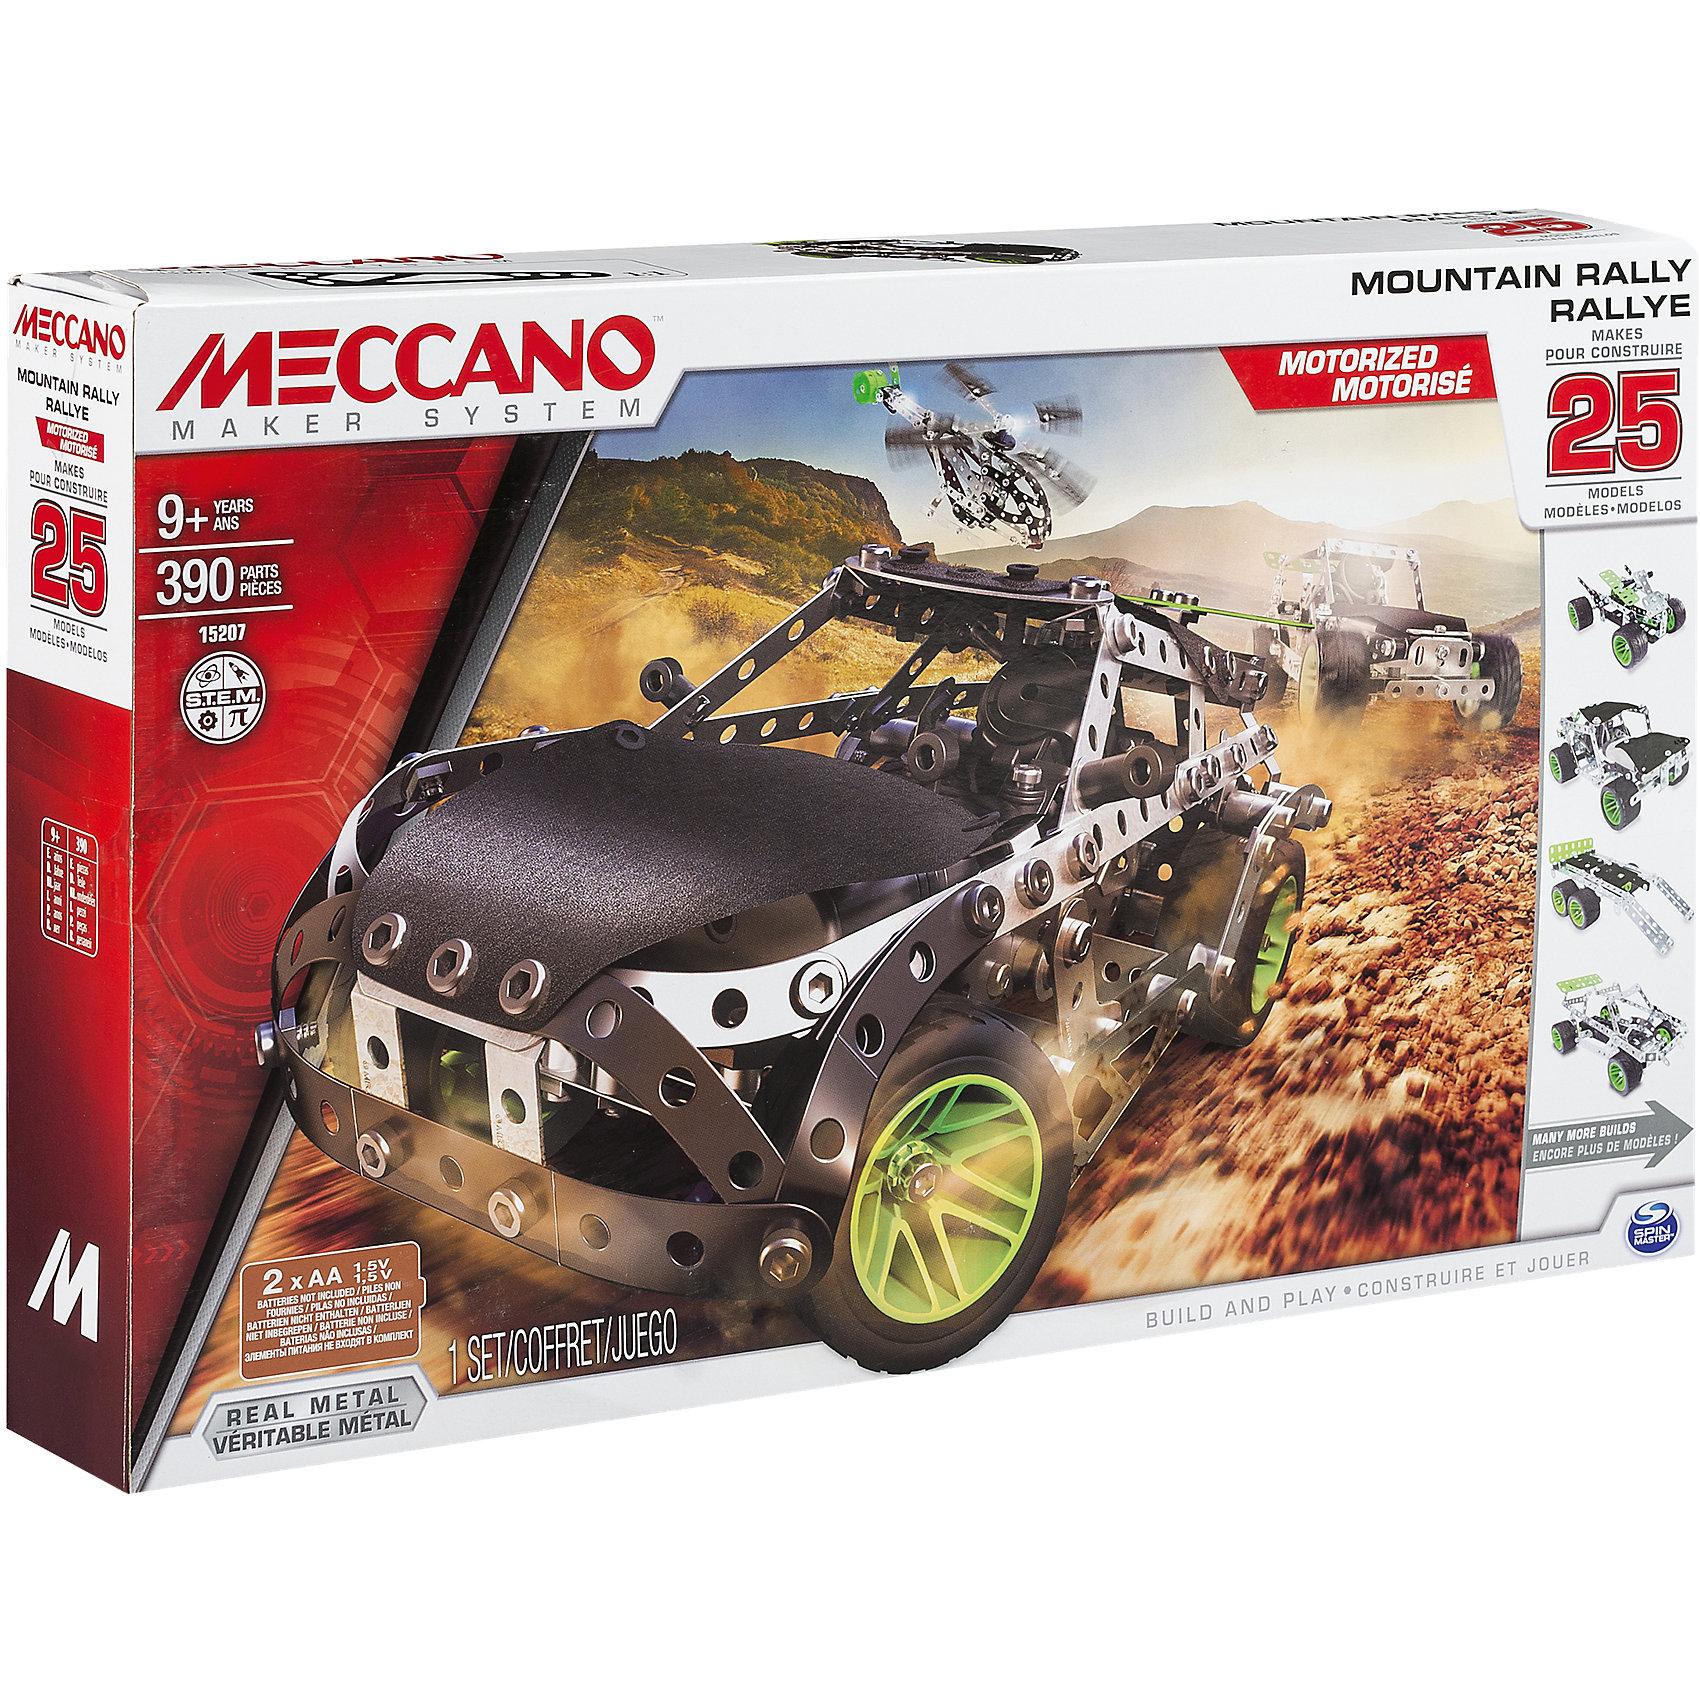 Раллийная машина с мотором (25 моделей), MeccanoМеталлические конструкторы<br>В наборе Раллийная машина с мотором (25 моделей), Meccano (Меккано) 323 элементов с функциональными деталями: мягкие панели на корпусе, рулевое управление и настоящий двигатель. Из конструктора можно собрать 25 разнообразных моделей техники (различные спорткары, вертолет, бульдозер, луноход и др.). В комплекте есть мотор, который можно включить, и машина поедет!<br><br>Характеристики:<br>-Части детально проработаны<br>-Детали отлиты из высококачественного сплава, отсутствуют заусенцы и острые грани<br>-Развивает: навыки инженерного мышления, мелкую моторику, комбинаторные навыки, логику, усидчивость<br>-Колеса поворачивают влево-вправо<br><br>Комплектация: 323 детали, в т. ч. рулевое управление, подвеска, колеса с резиновыми покрышками, мотор, мягкие панели и др., инструкция<br><br>Дополнительная информация:<br>-Количество деталей: 323<br>-Вес в упаковке: 4,3 кг<br>-Размеры в упаковке: 25x45x6 см<br>-Материалы: металл, пластик, резина<br>-Размер основной модели: 24х12 см<br>-Питание: 2 батарейки типа АА (в комплект НЕ входят)<br><br>Яркий набор Раллийная машина с мотором (25 моделей), доставит удовольствие юным техникам!<br><br>Раллийная машина с мотором (25 моделей), Meccano (Меккано) можно купить в нашем магазине.<br><br>Ширина мм: 405<br>Глубина мм: 251<br>Высота мм: 68<br>Вес г: 991<br>Возраст от месяцев: 108<br>Возраст до месяцев: 168<br>Пол: Мужской<br>Возраст: Детский<br>SKU: 4158556